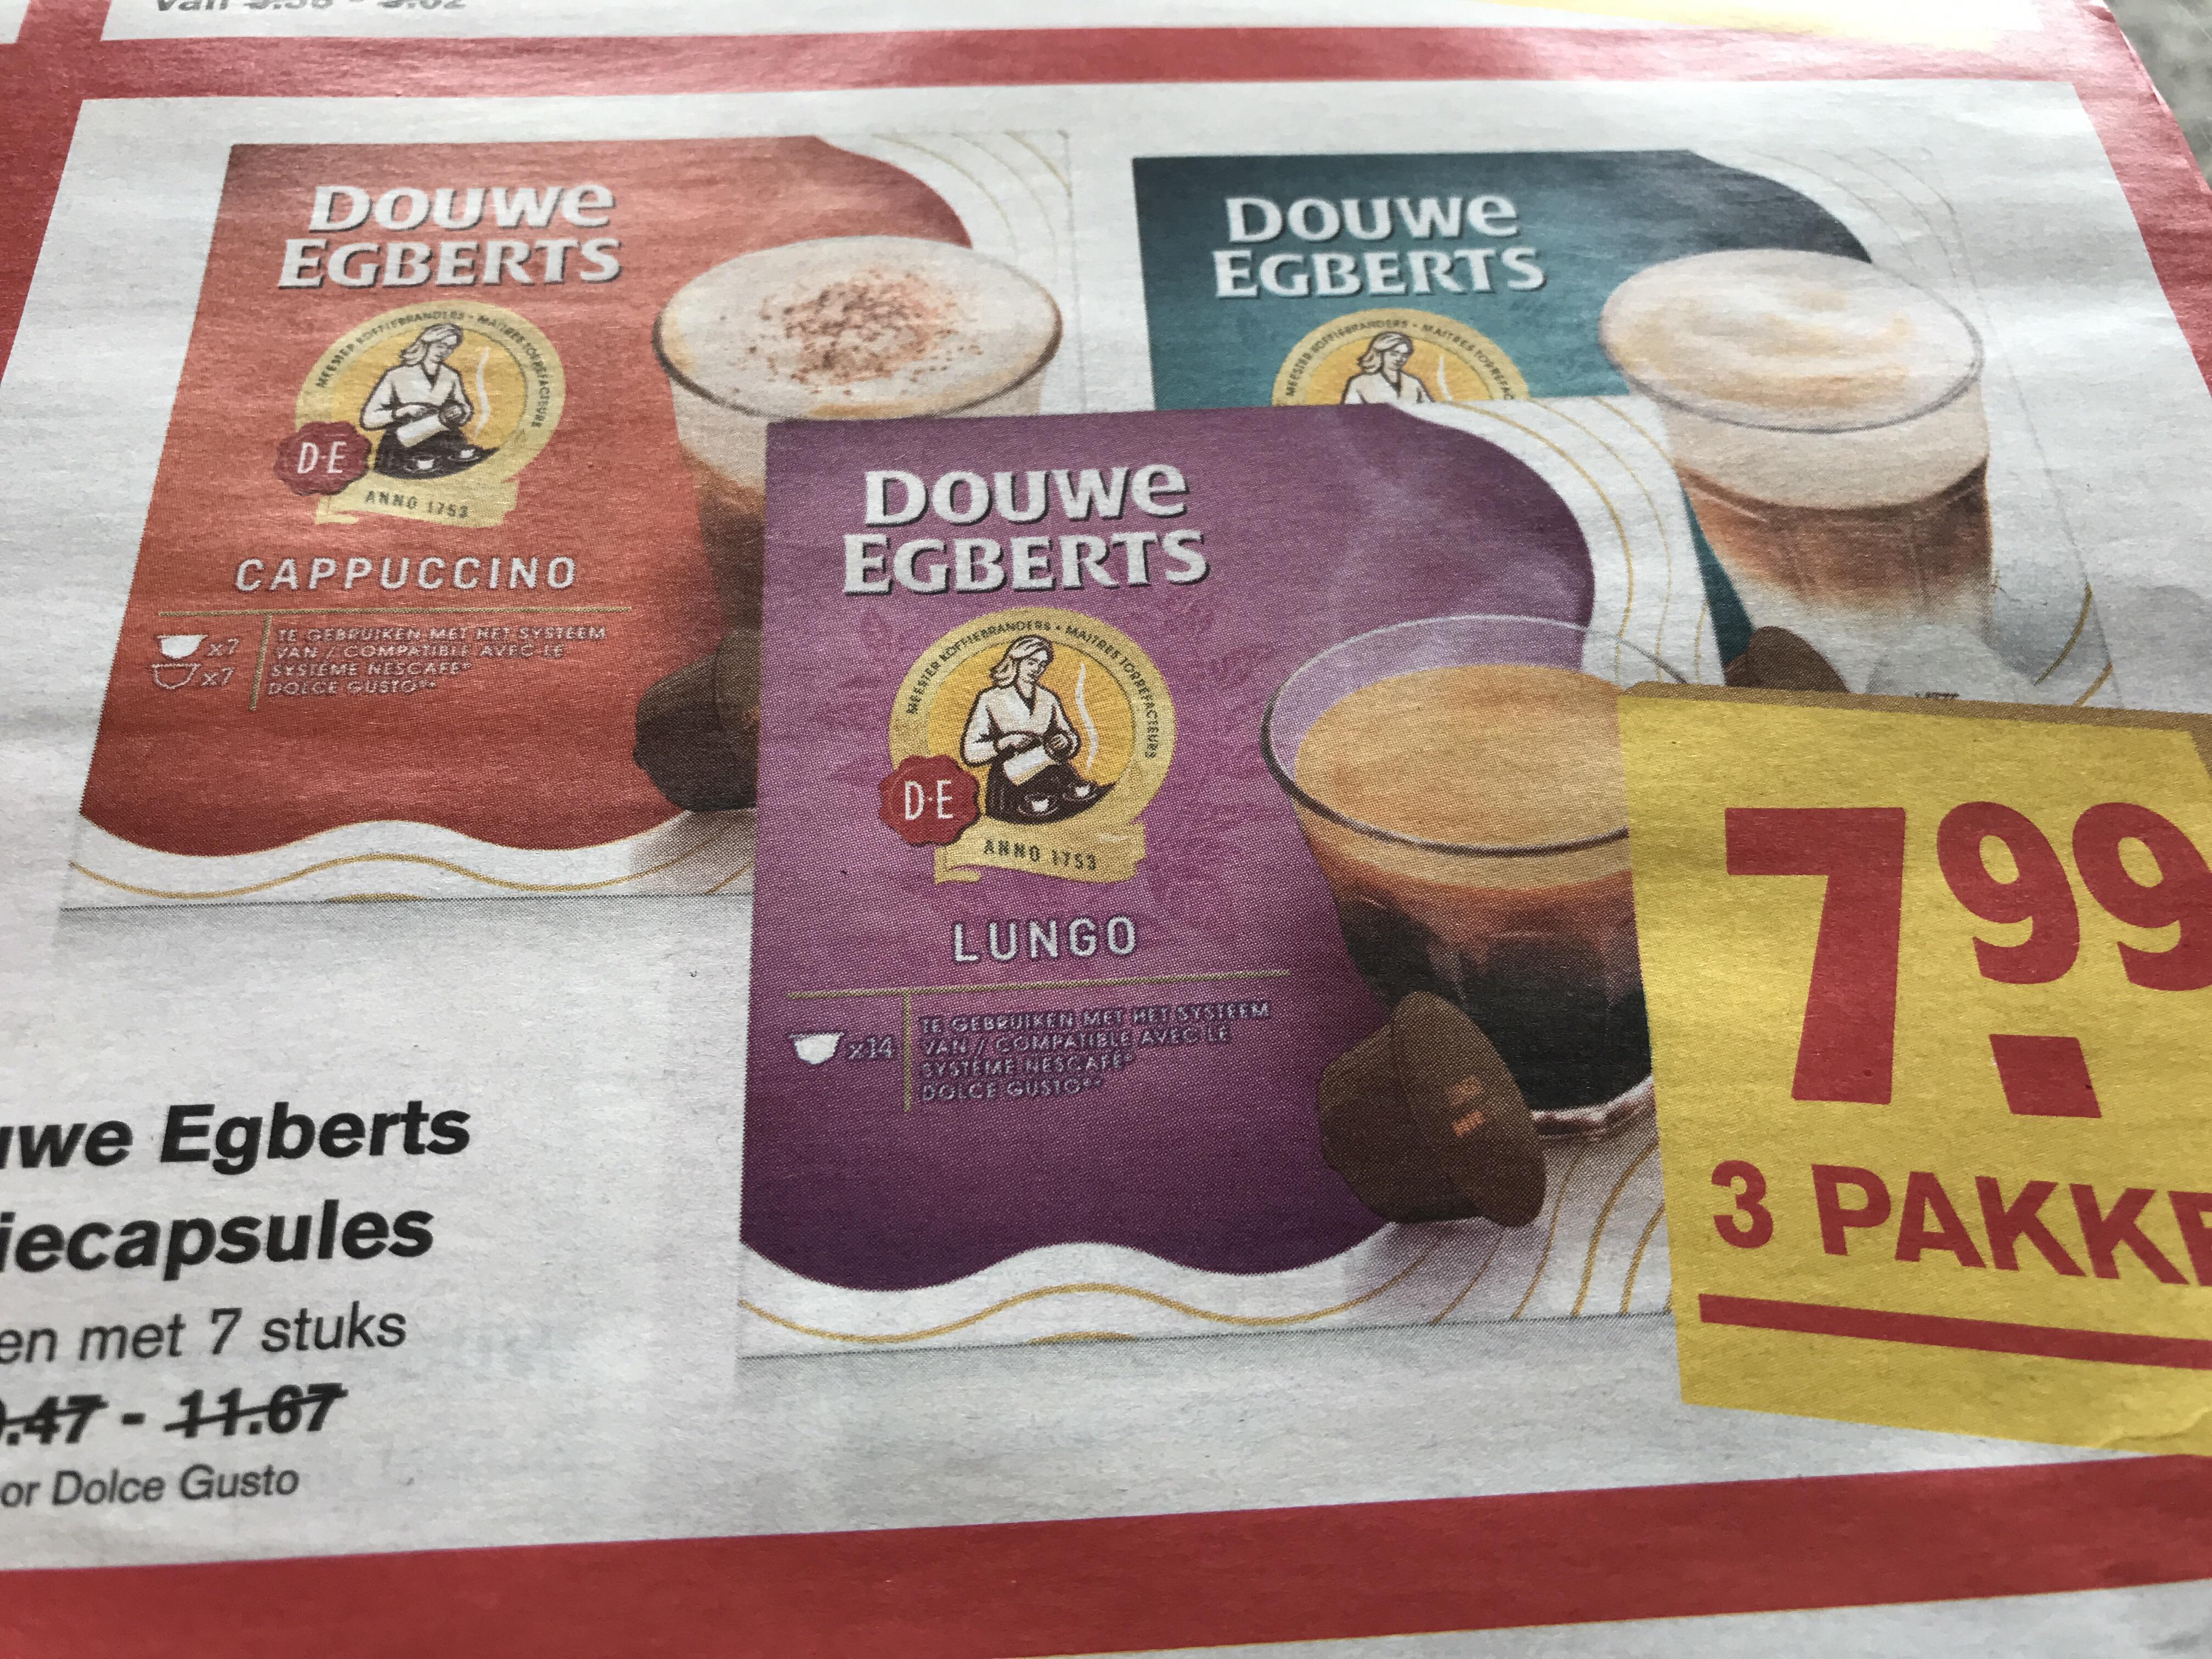 3 pakken Douwe Egberts koffiecapsules(Hoogvliet)